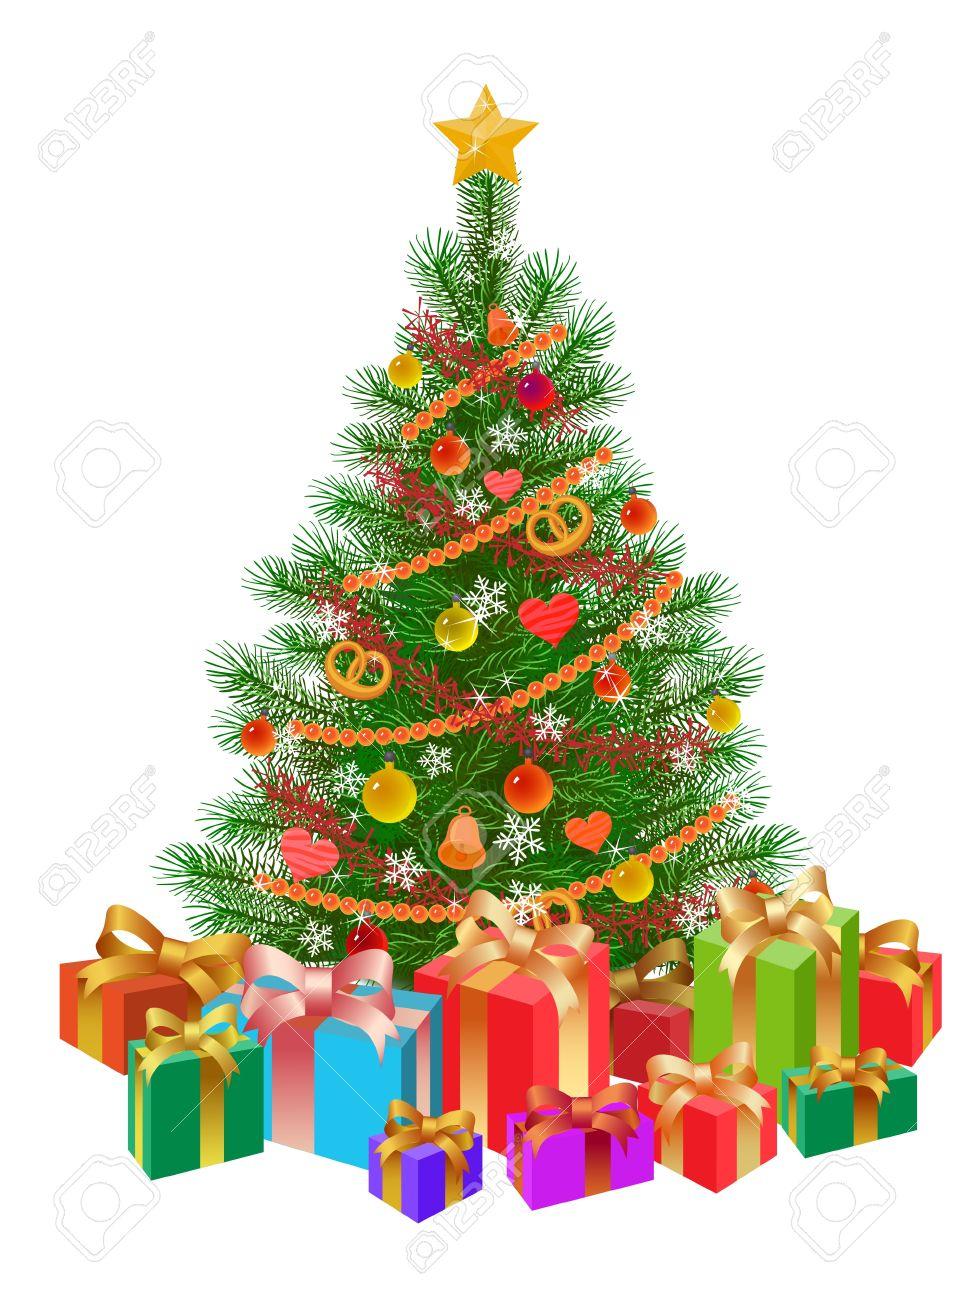 Geschmückter Weihnachtsbaum, Geschenke, Isoliert Auf Weiß Lizenzfrei ...